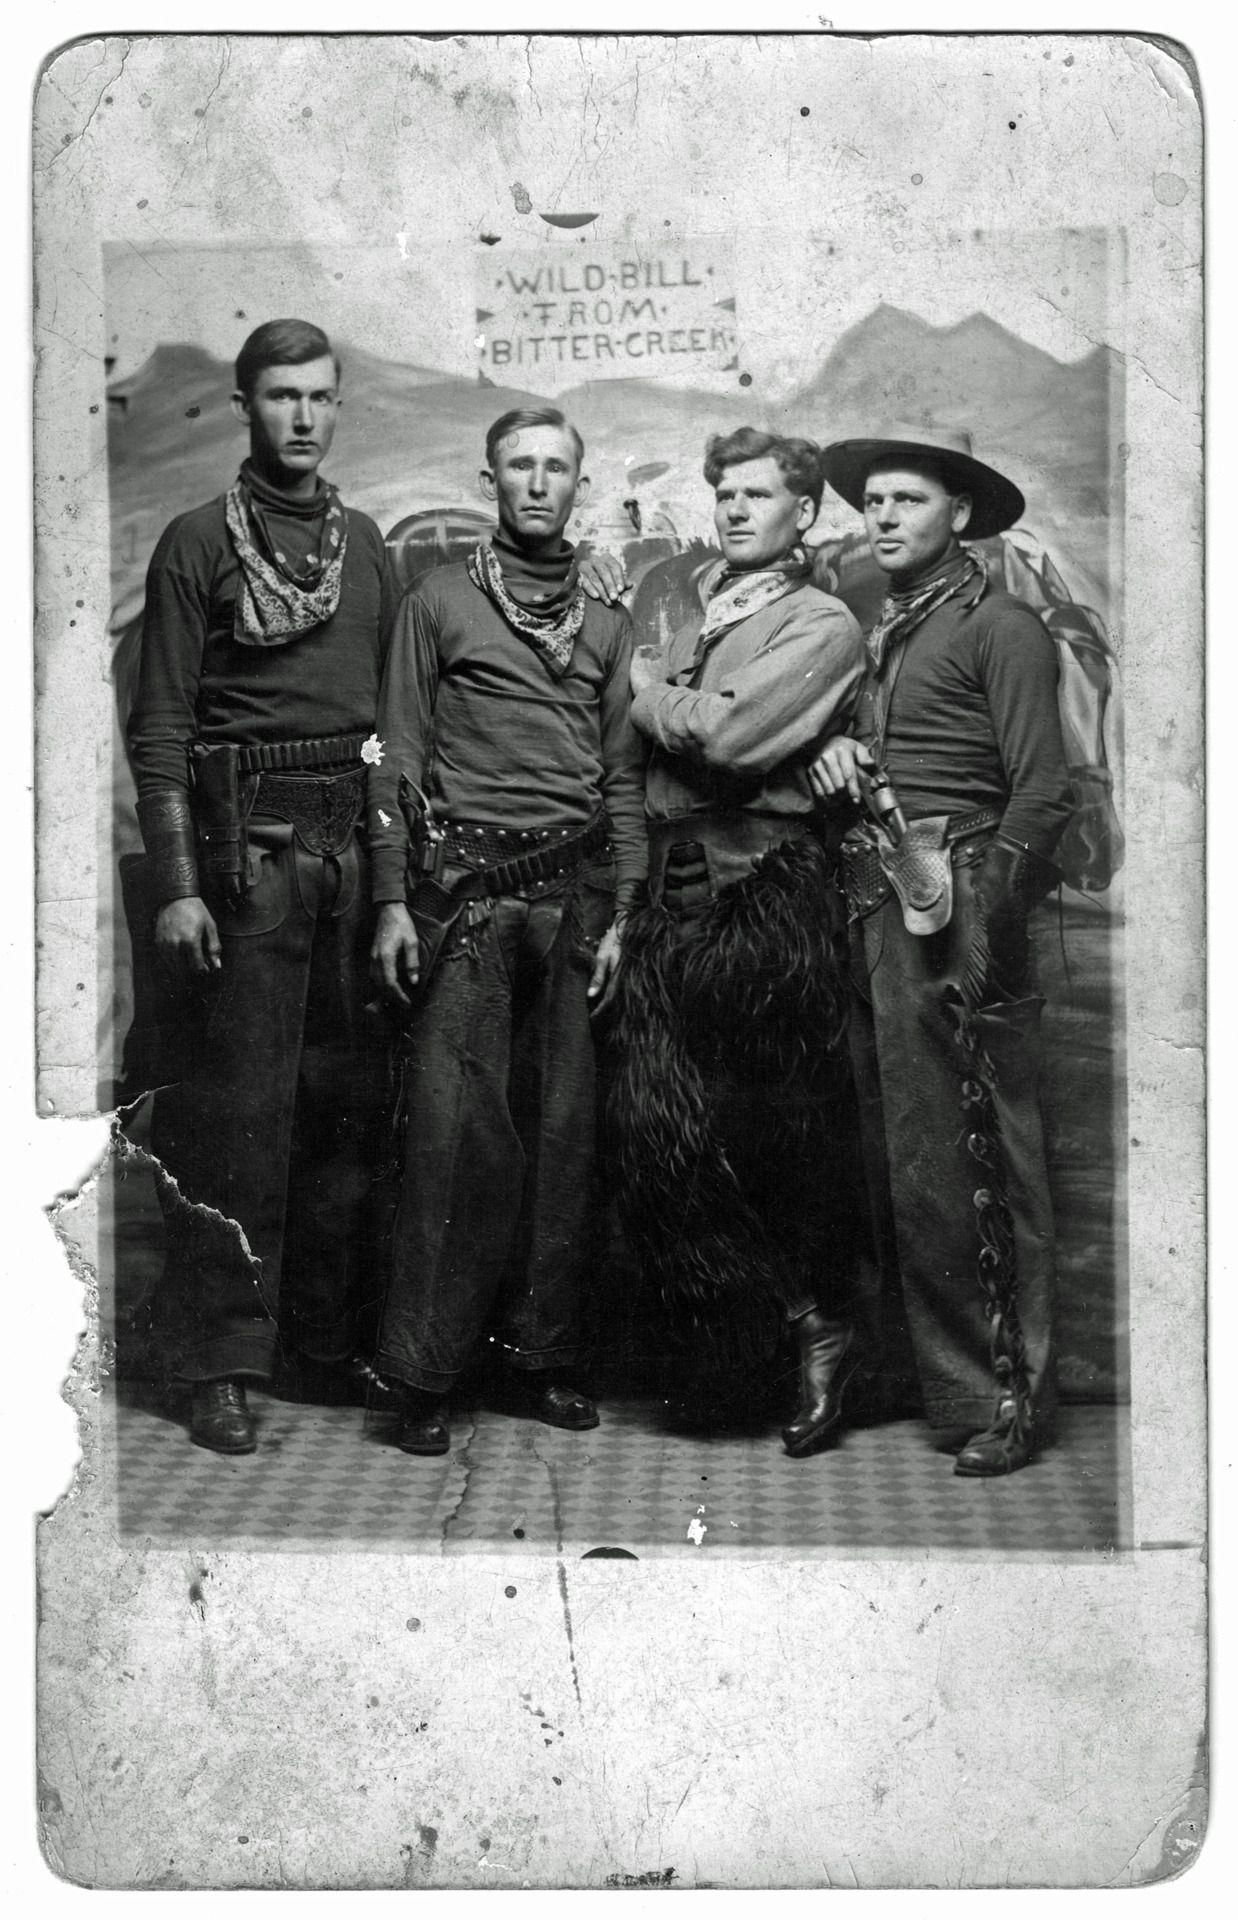 5b6d41bd1e4 Vintage cowboy buddies Wild Bill from Bitter Creek